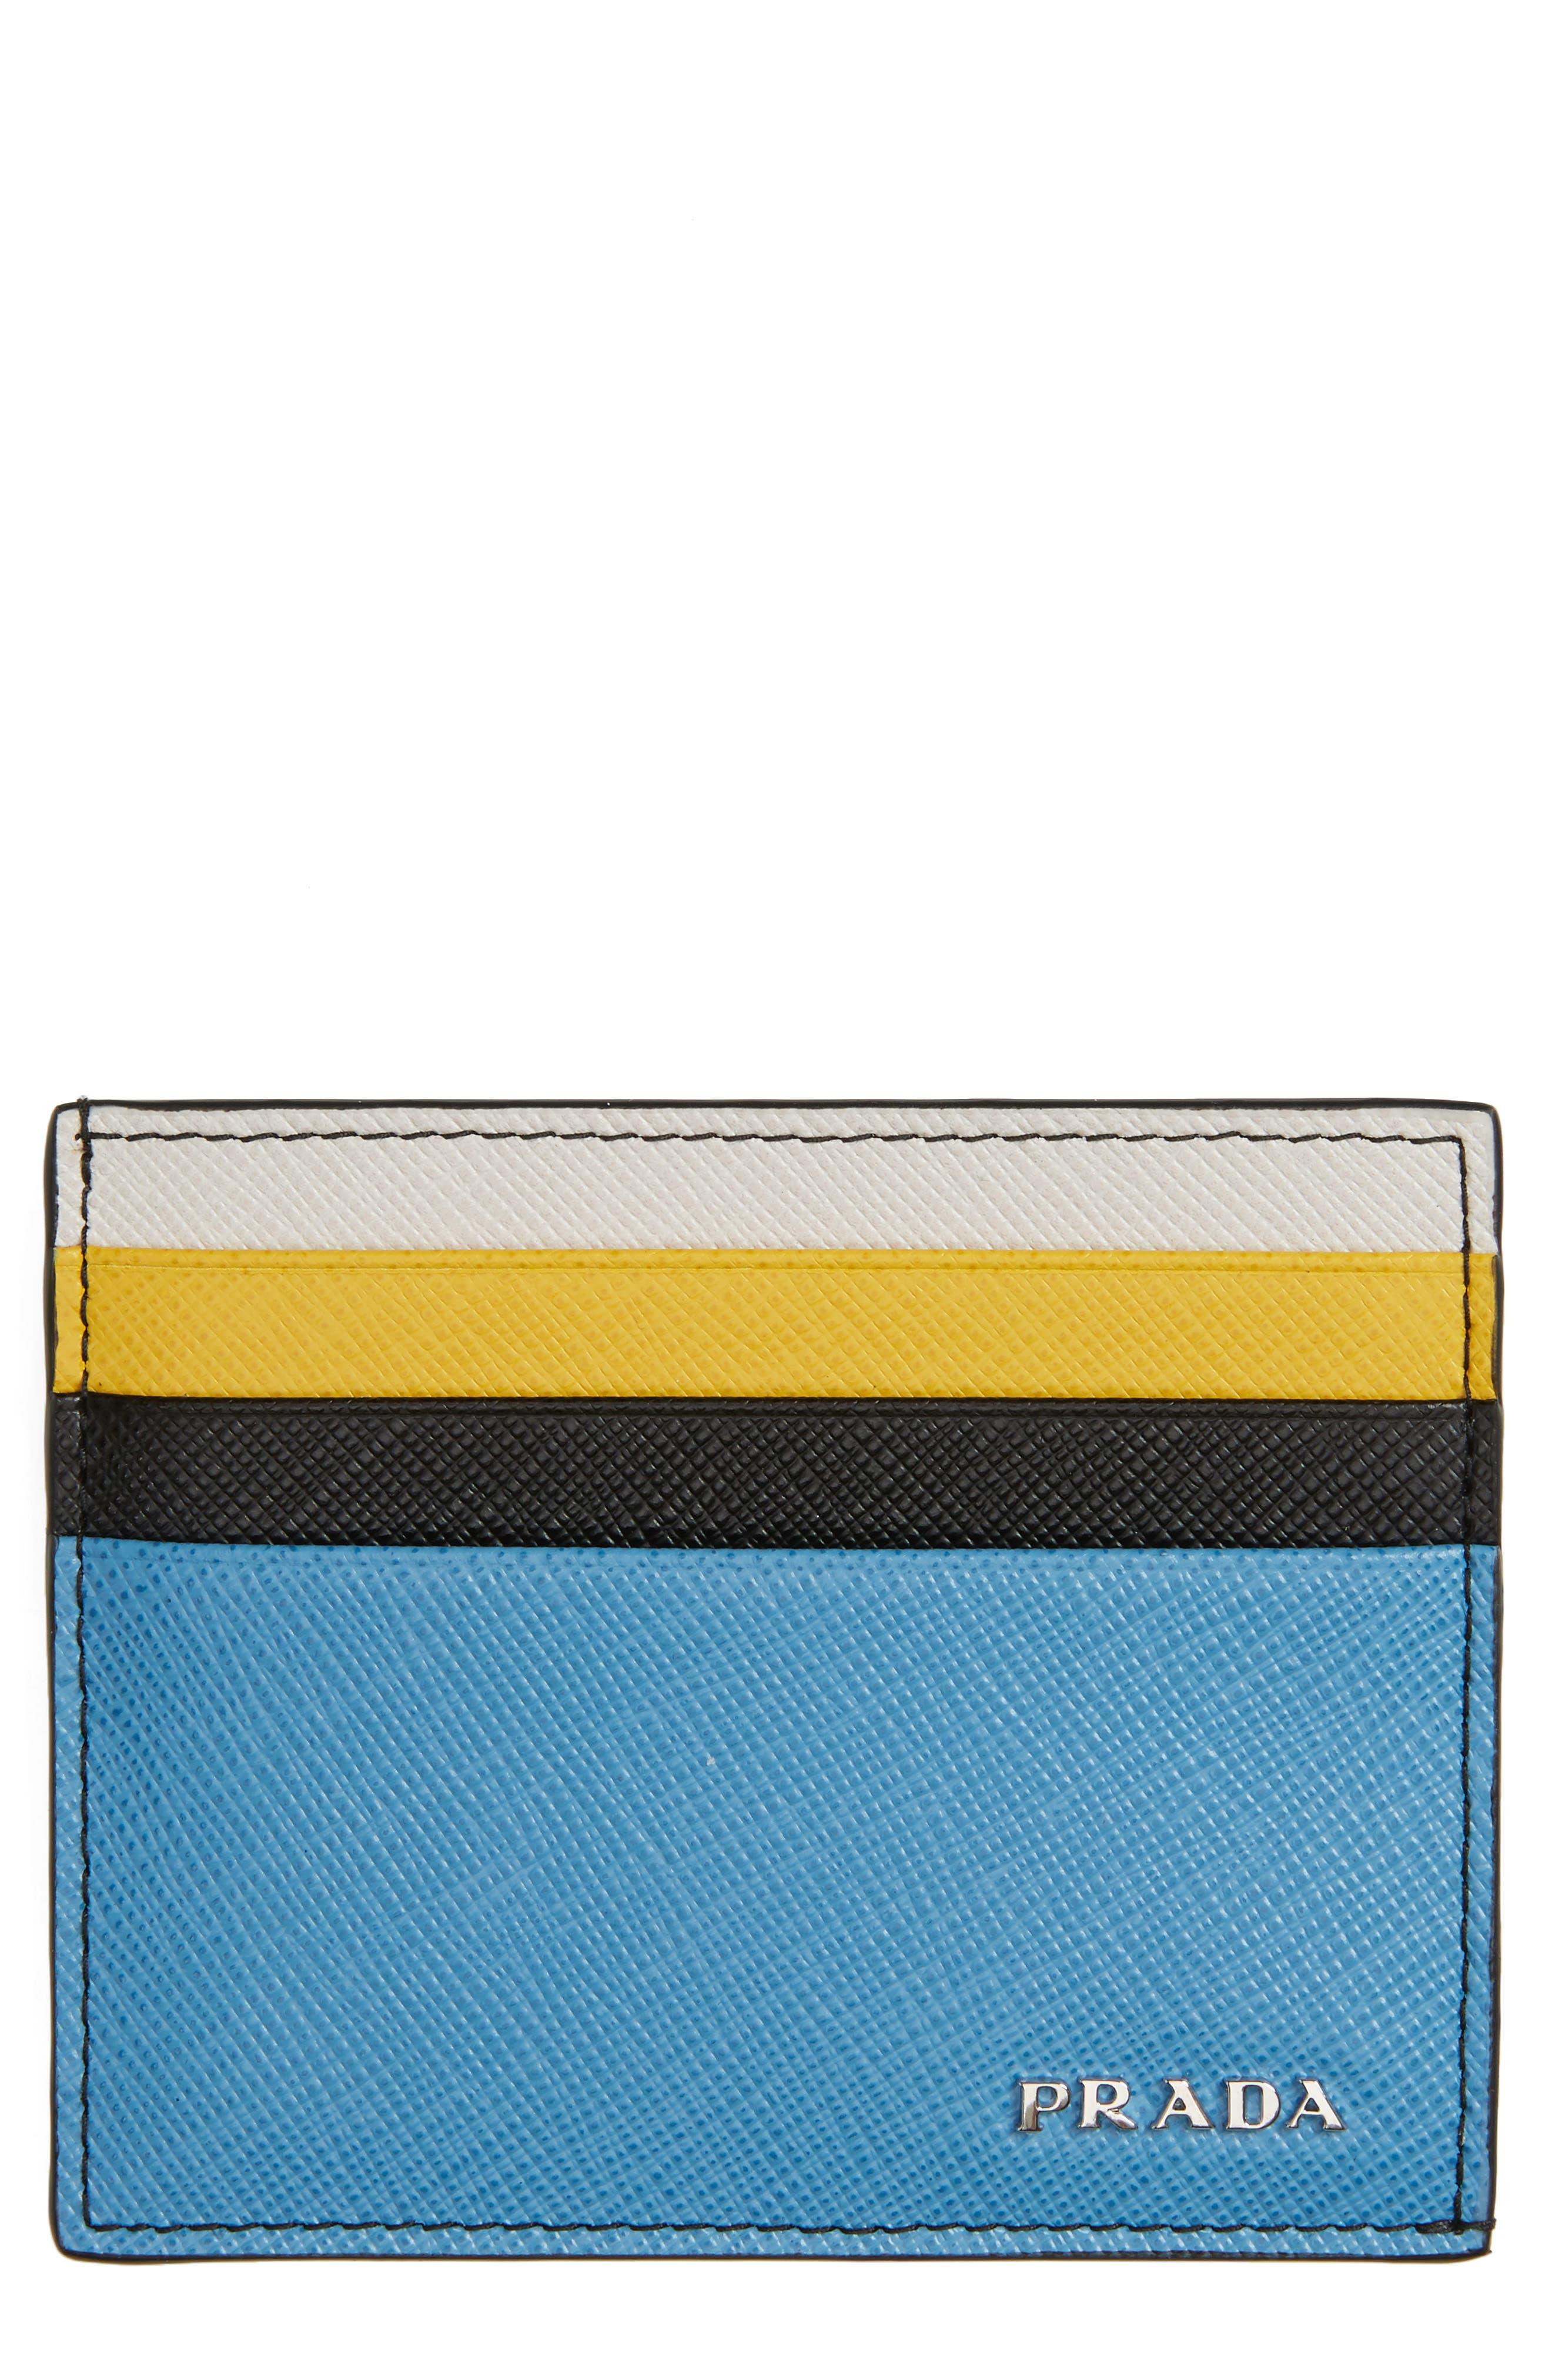 Prada Arrow Leather Card Case